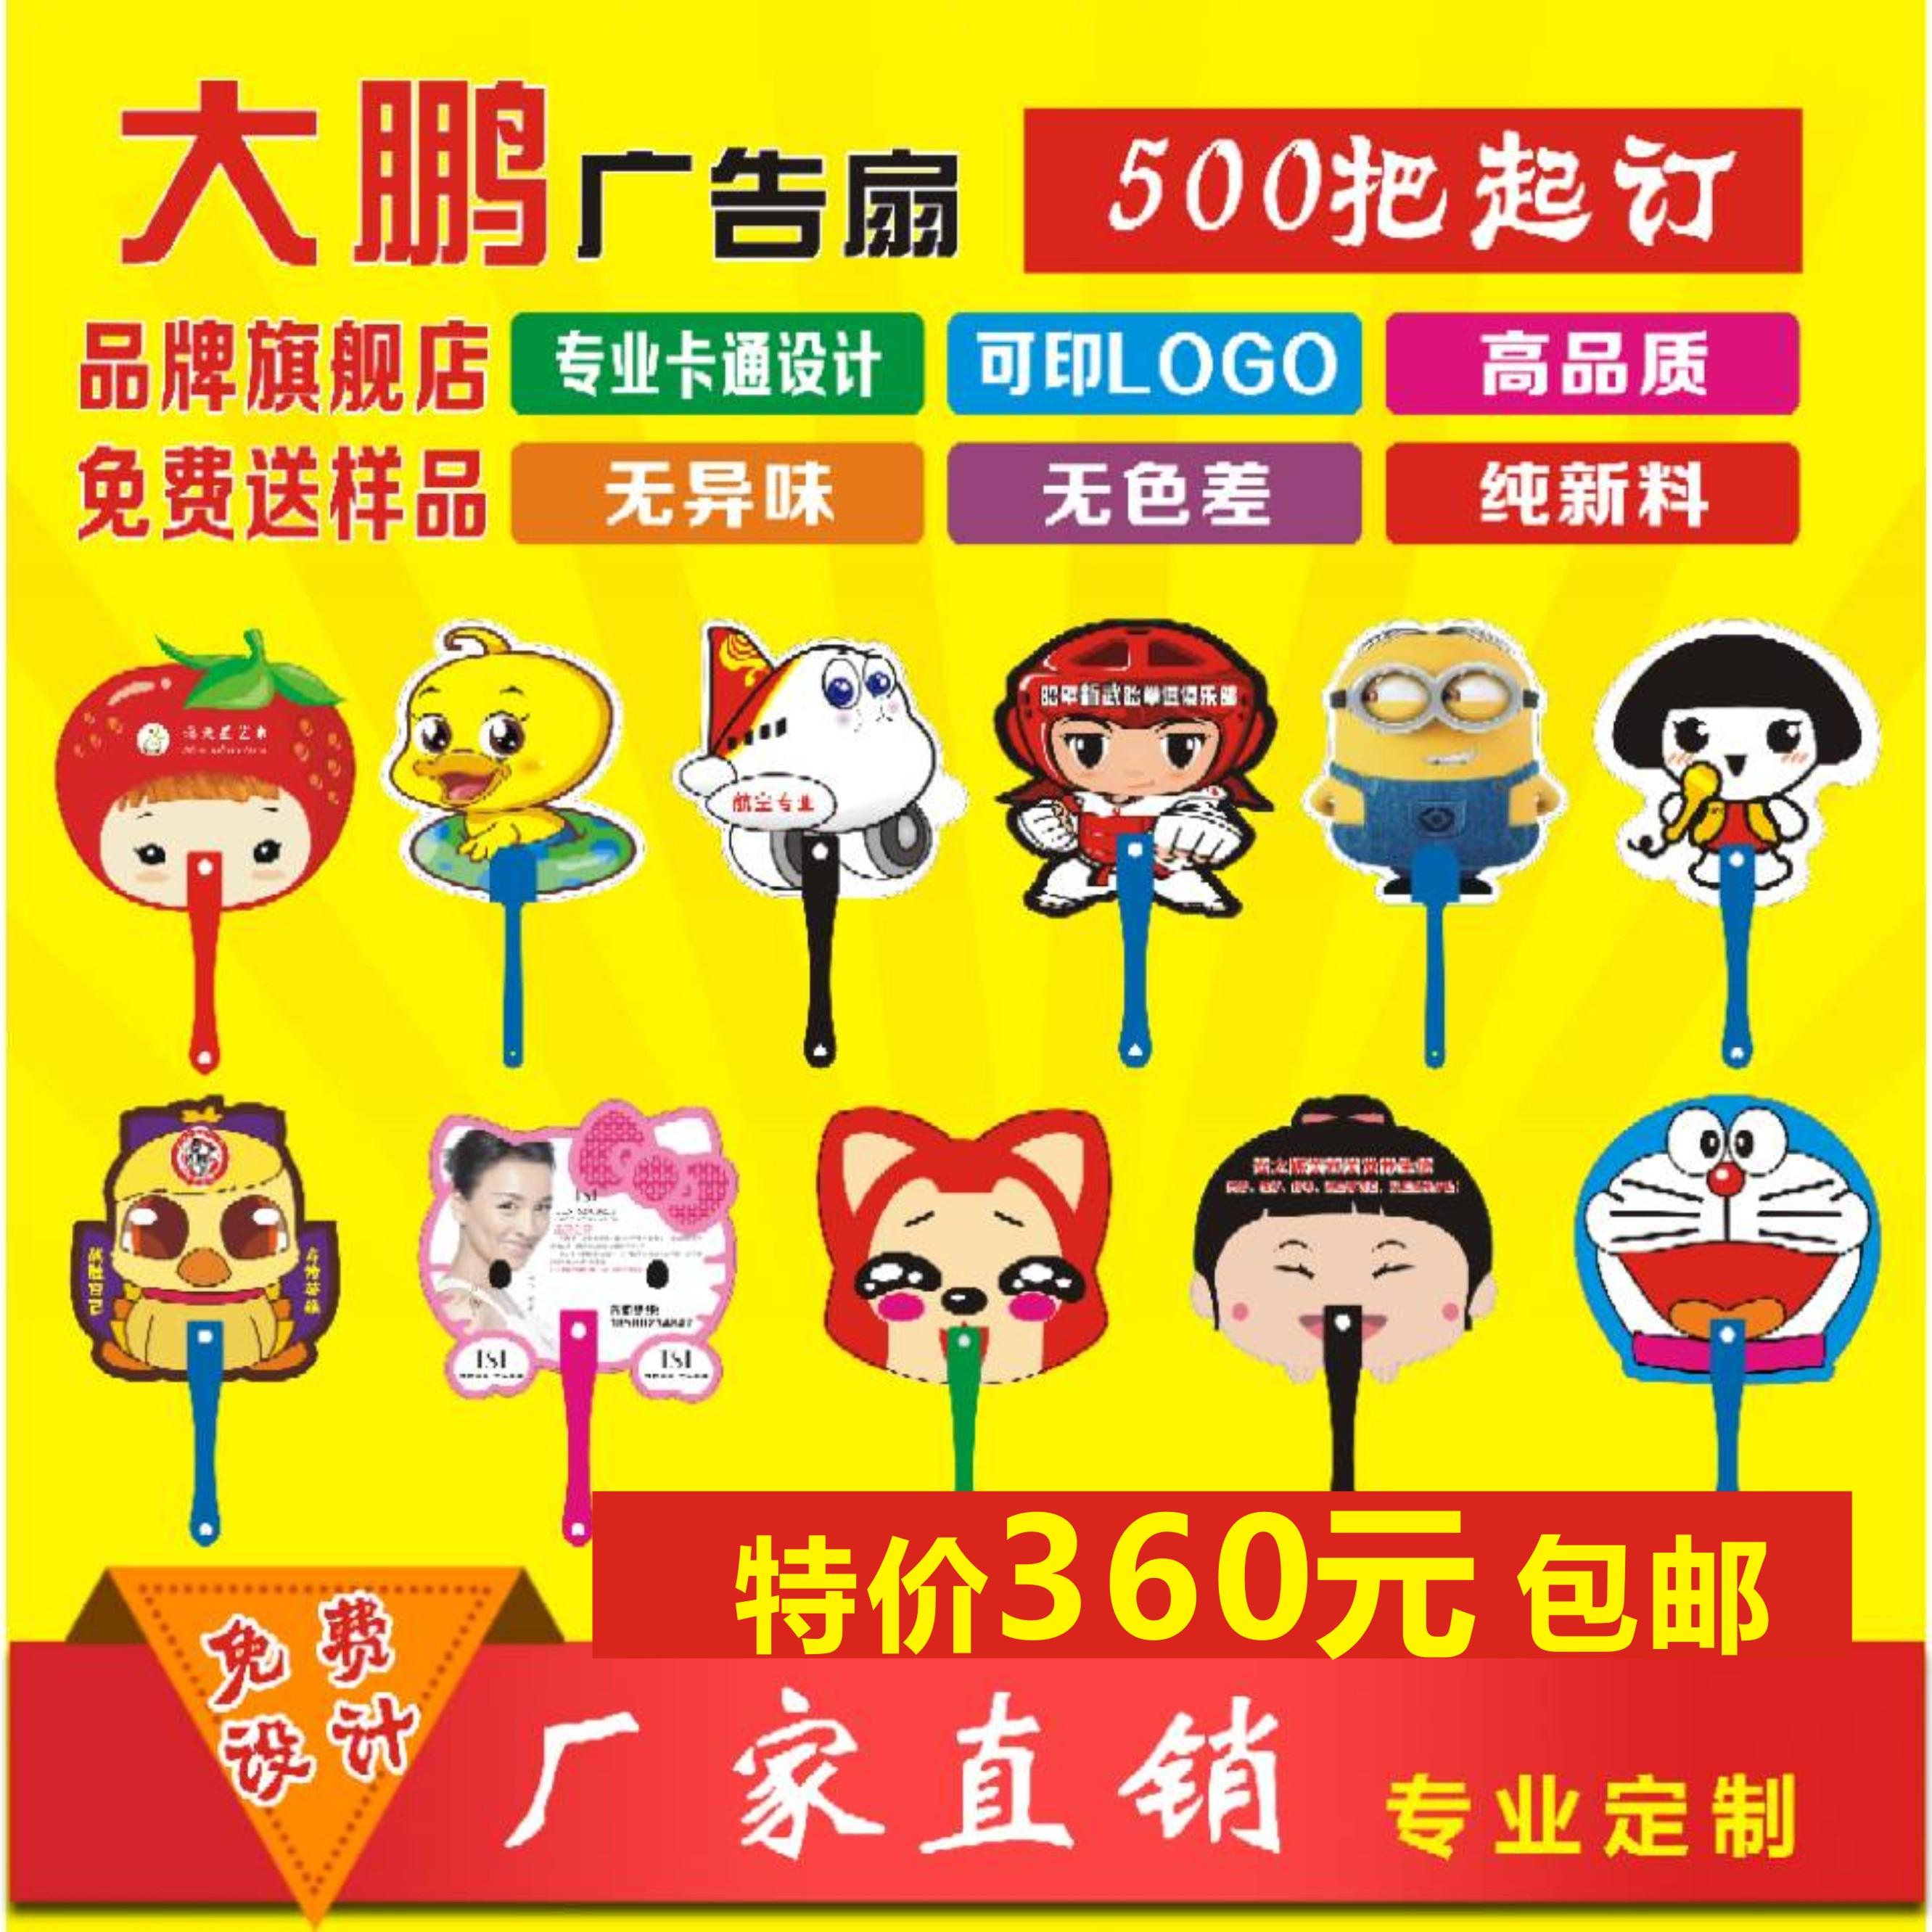 广告扇定制1000把起 现货卡通扇 招生扇 宣传扇定制logo免费设计